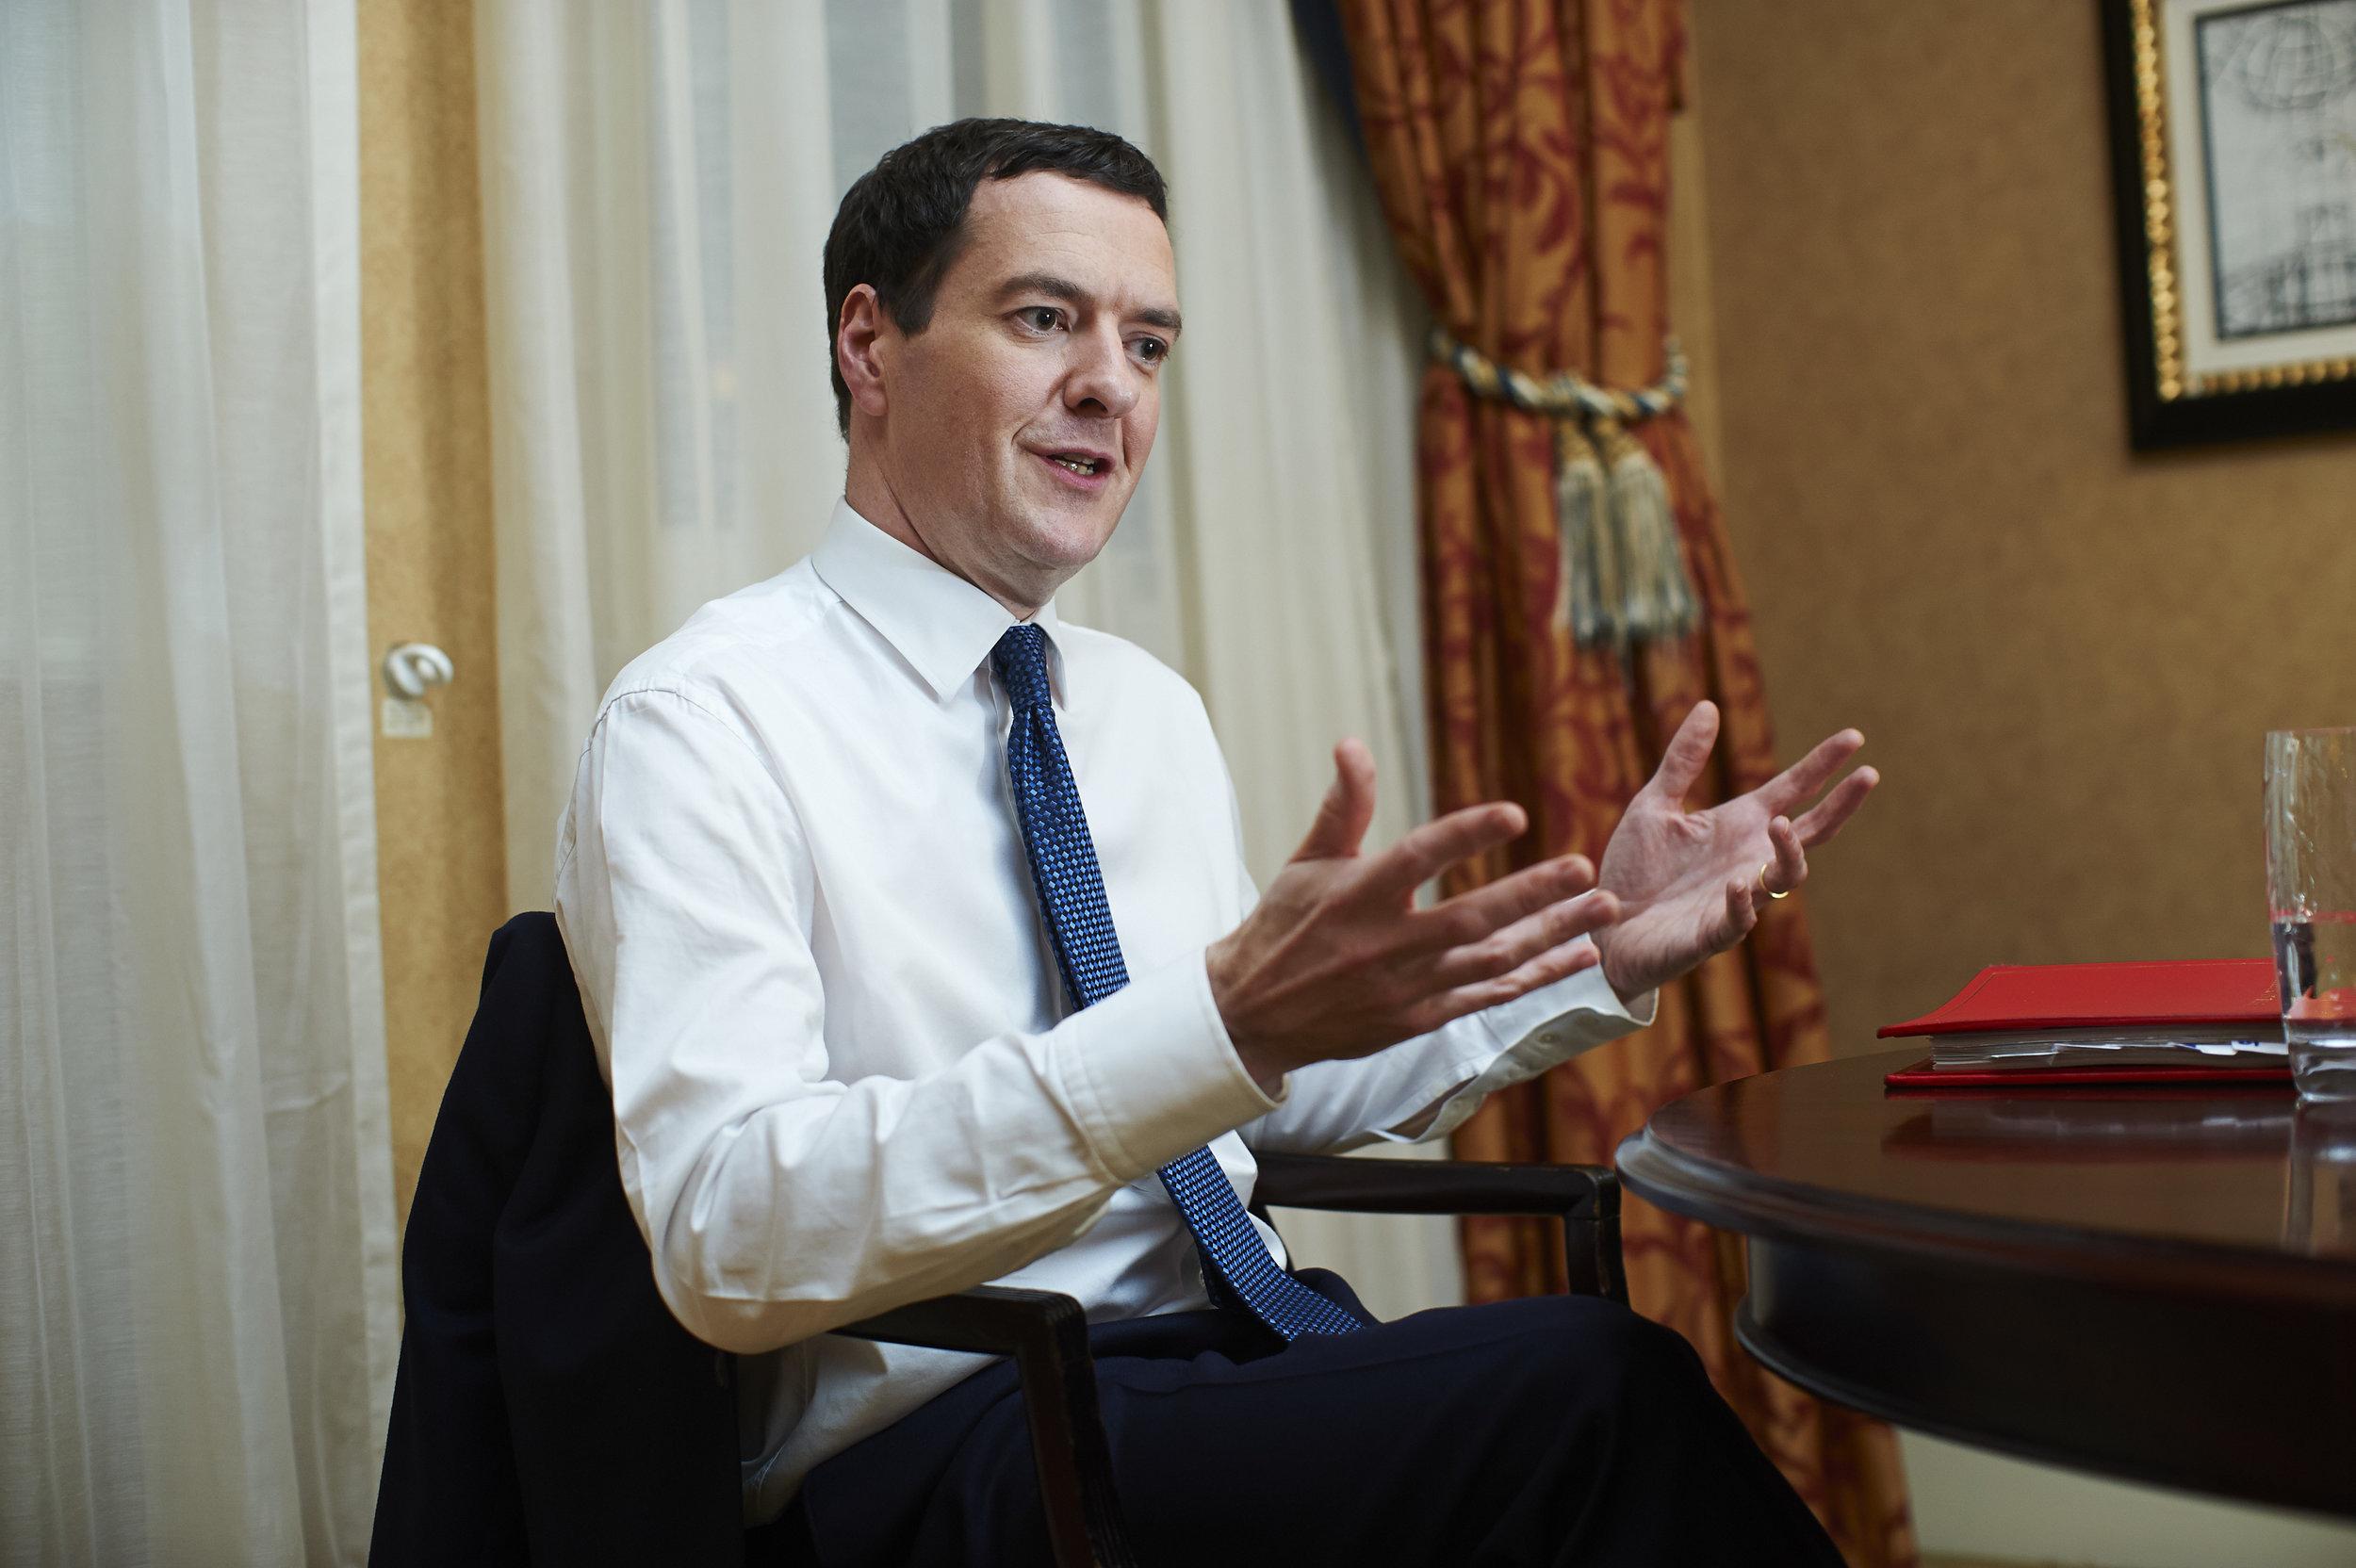 George_Osborne_188.jpg